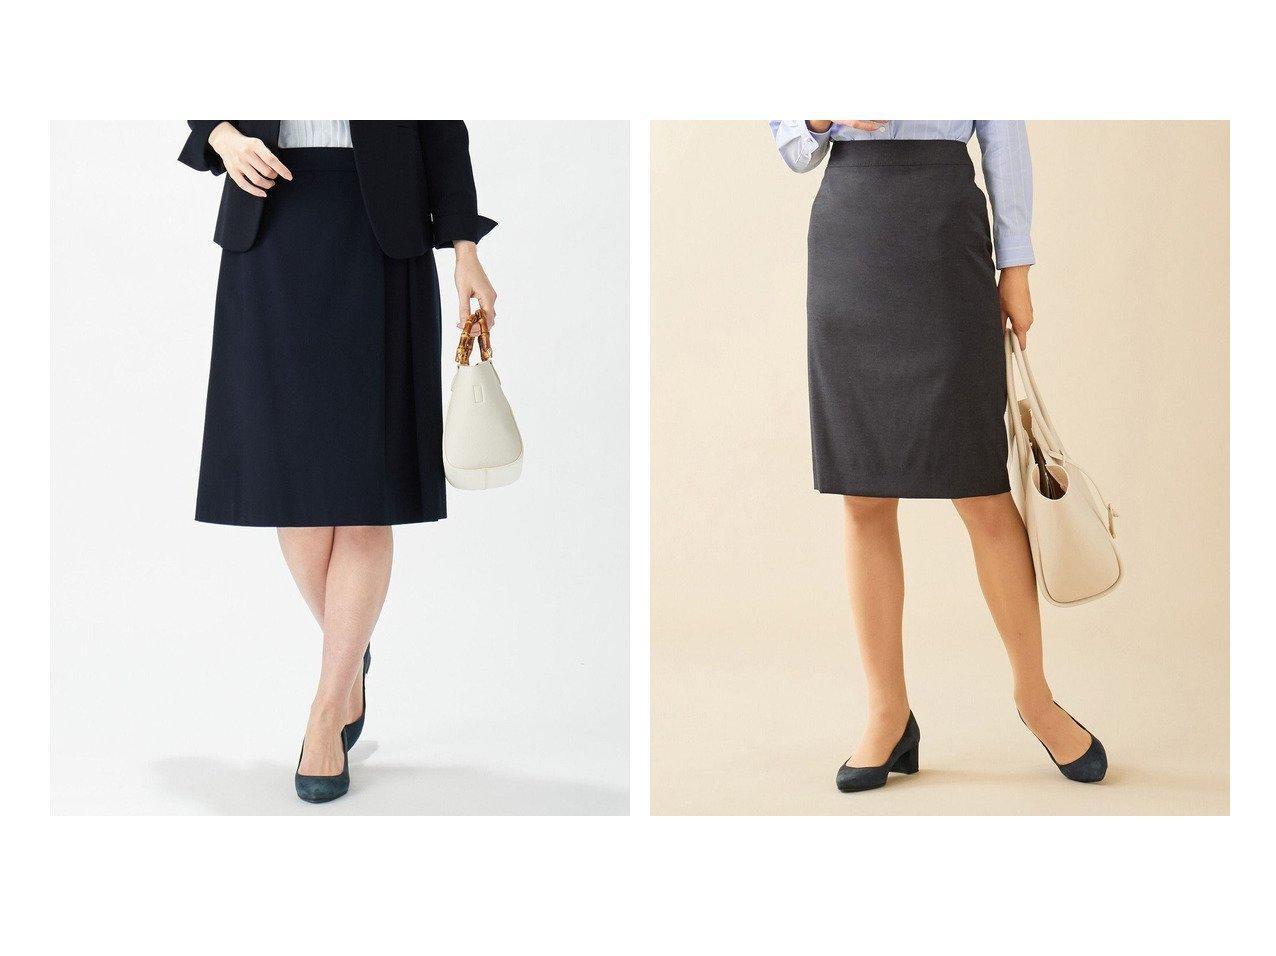 【J.PRESS/ジェイ プレス】の【スーツ対応】Premium G.B. Conte タイトスカート&【制菌加工・UVカット】アルファクロスジャージー スカート 【スカート】おすすめ!人気、トレンド・レディースファッションの通販 おすすめで人気の流行・トレンド、ファッションの通販商品 インテリア・家具・メンズファッション・キッズファッション・レディースファッション・服の通販 founy(ファニー) https://founy.com/ ファッション Fashion レディースファッション WOMEN スカート Skirt スーツ Suits スーツ スカート Skirt イタリア ストレッチ スーツ タイトスカート 送料無料 Free Shipping インナー エレガント ジャケット ジャージー セットアップ 冬 Winter おすすめ Recommend |ID:crp329100000040811